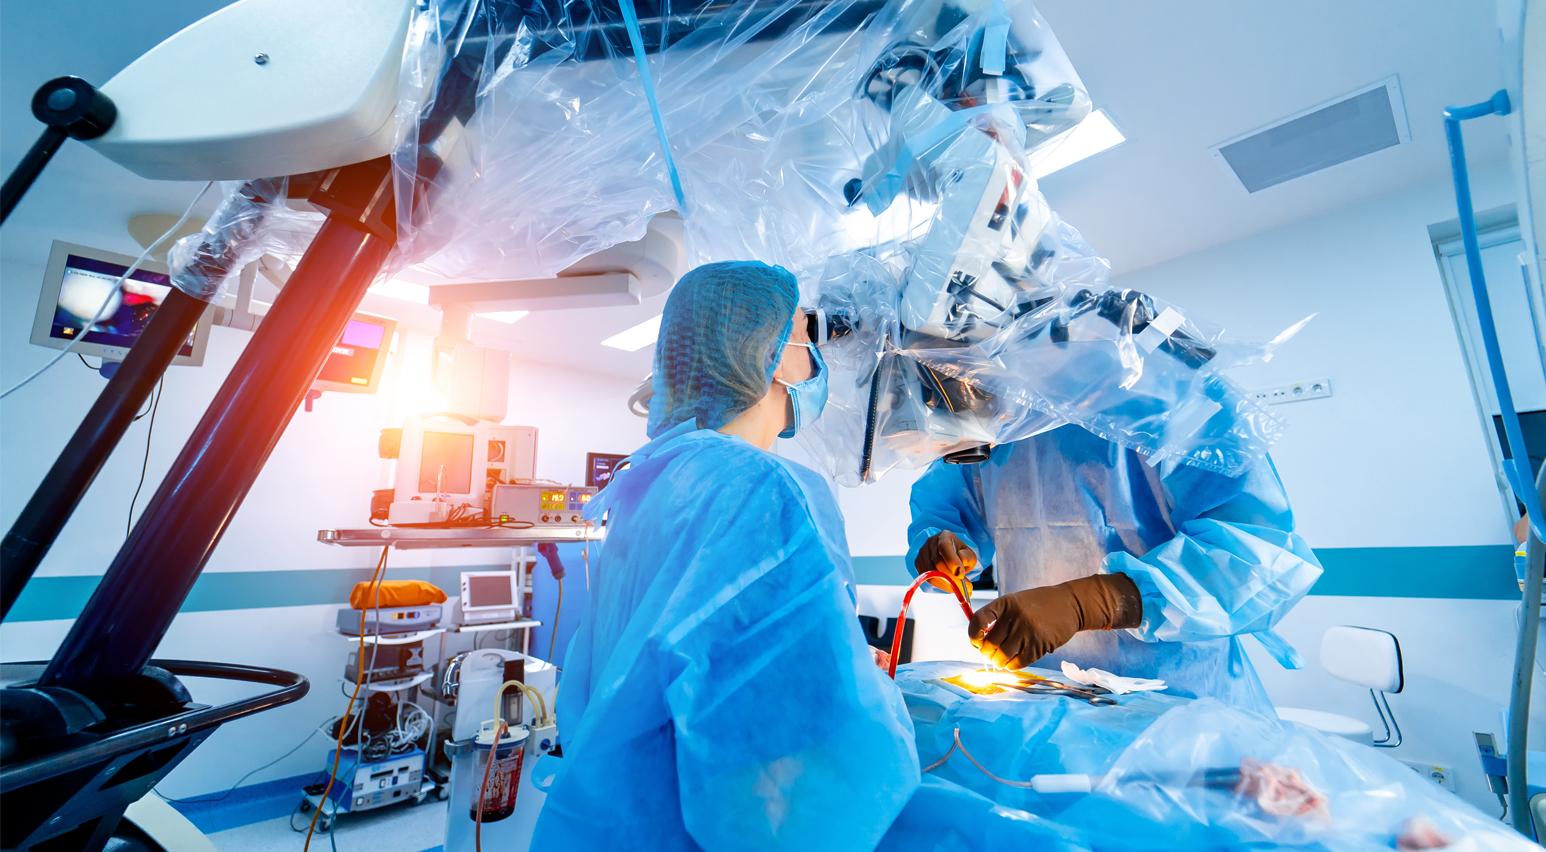 ventajas de la endoscopía de columna